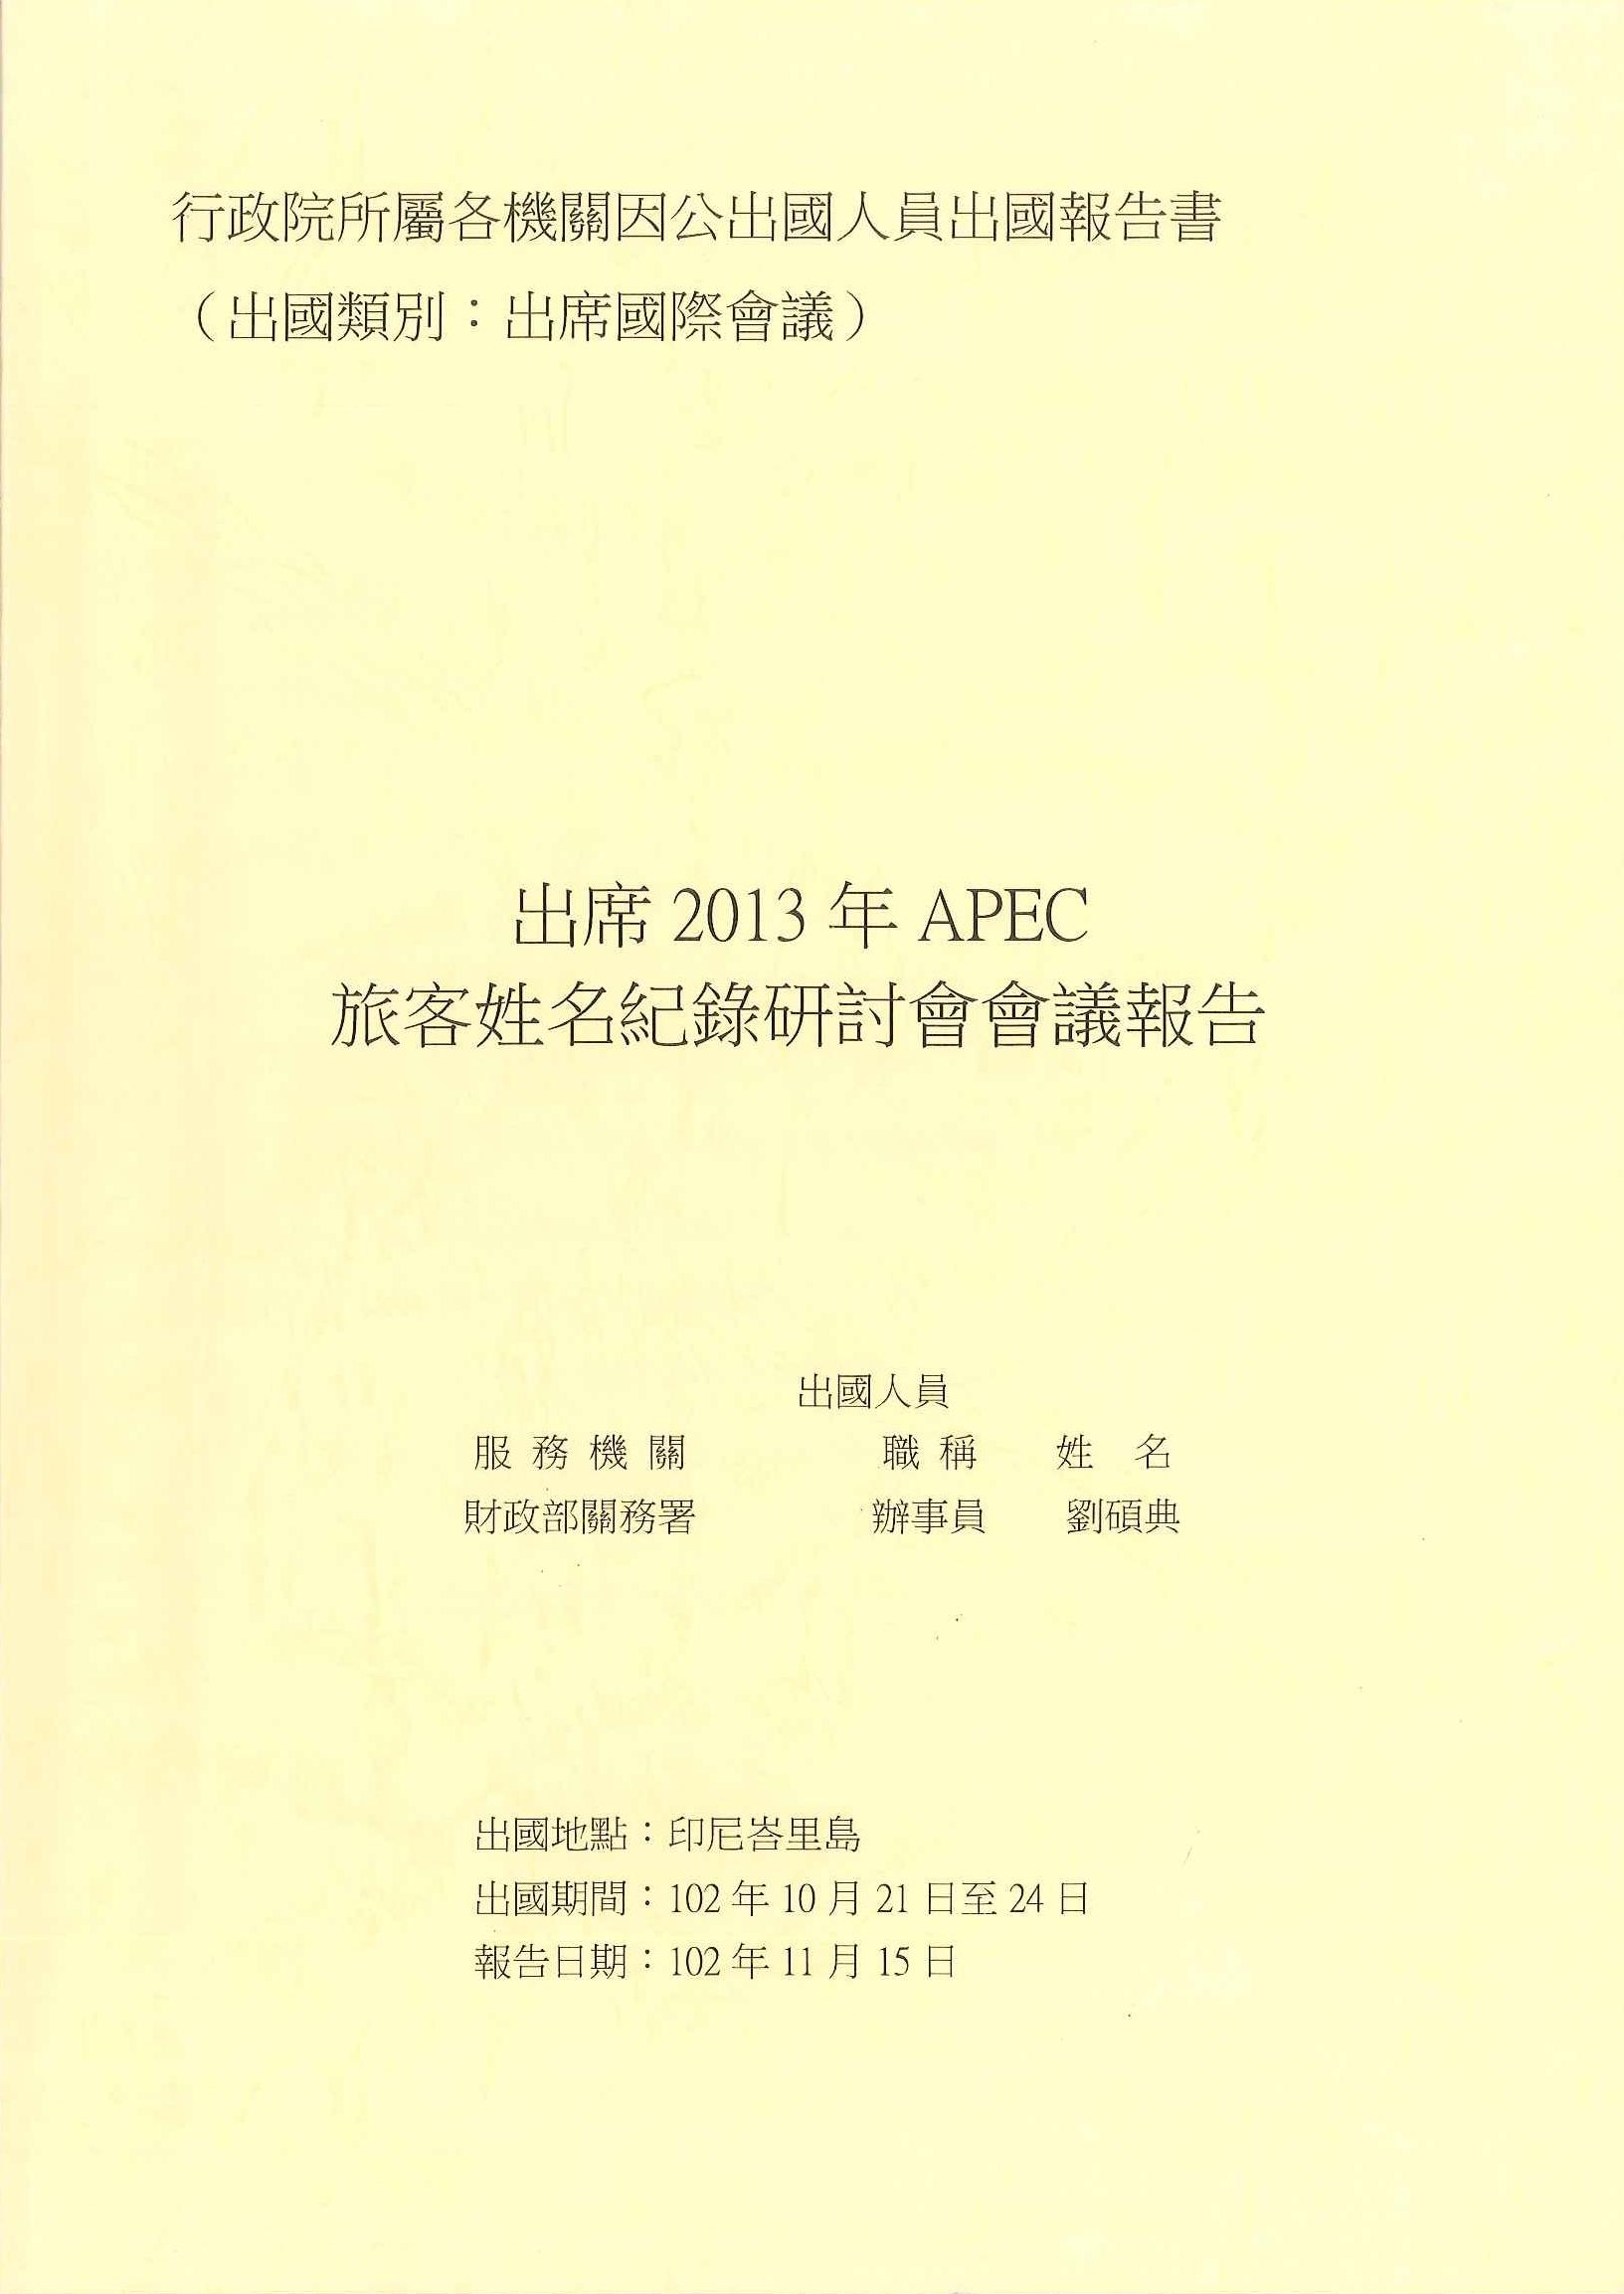 出席2013年APEC旅客姓名紀錄研討會會議報告